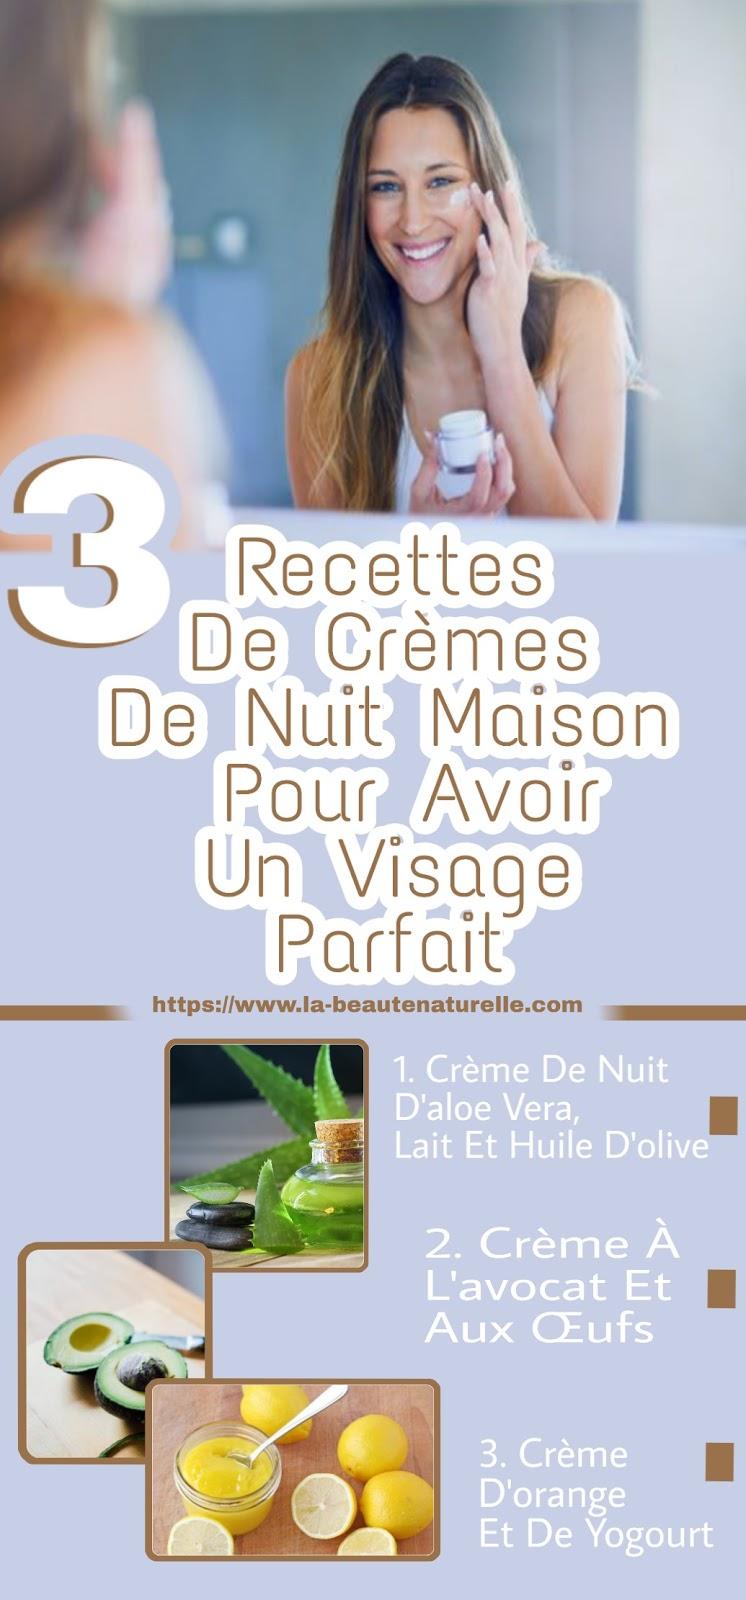 3 Recettes De Crèmes De Nuit Maison Pour Avoir Un Visage Parfait